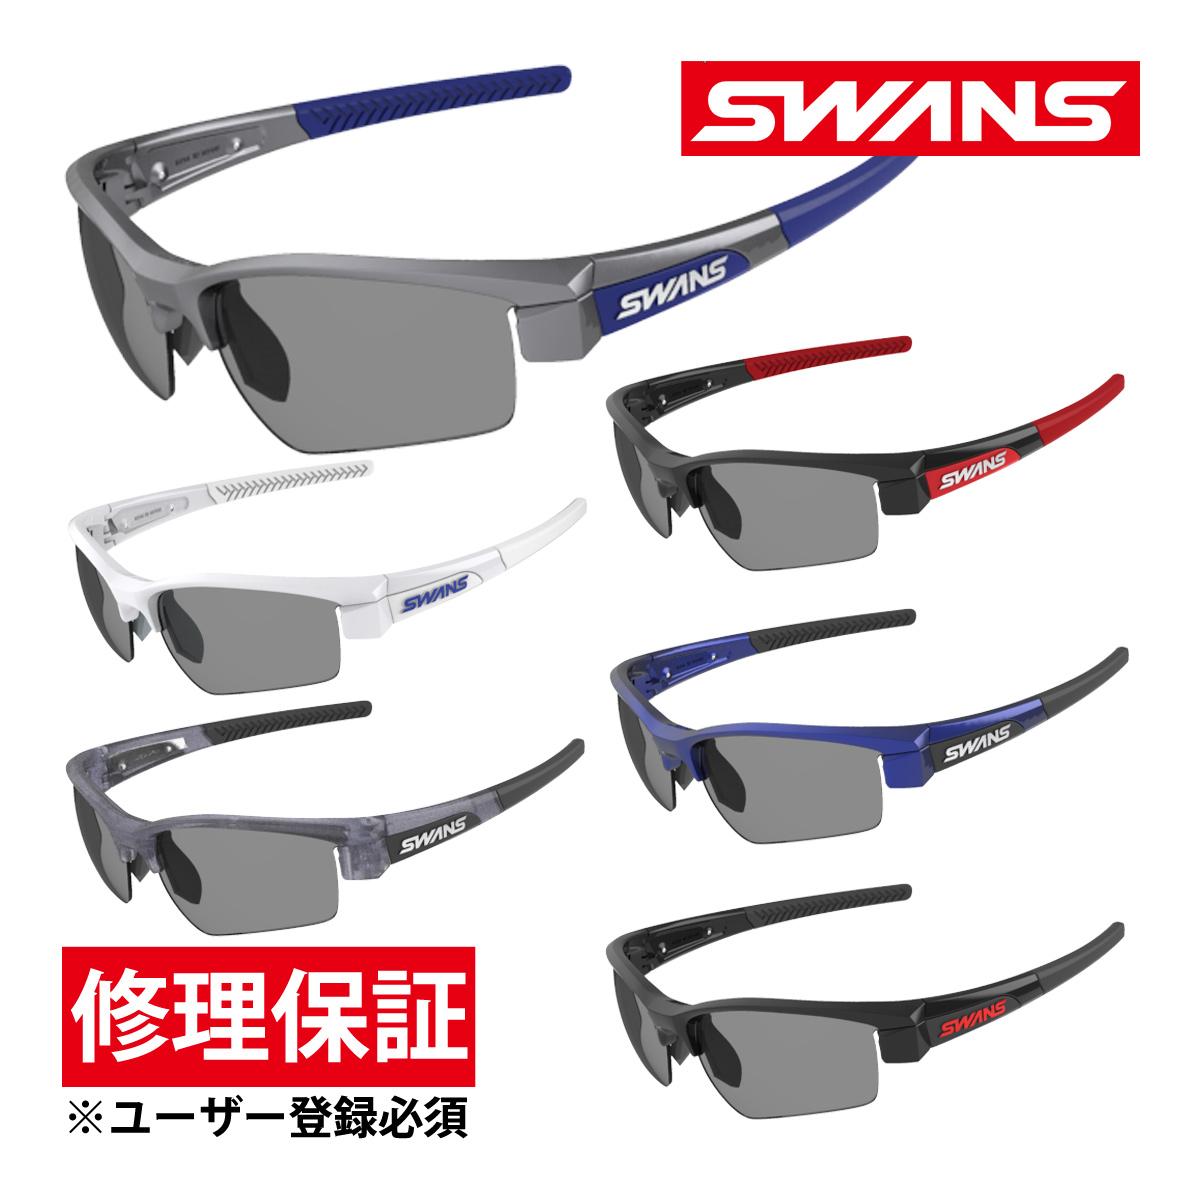 サングラス スポーツ スモークレンズ ゴルフ ドライブ メンズ レディース LION SIN フレーム+L-LI SIN-0001 SMK カラーレンズ おすすめ 人気 SWANS スワンズ